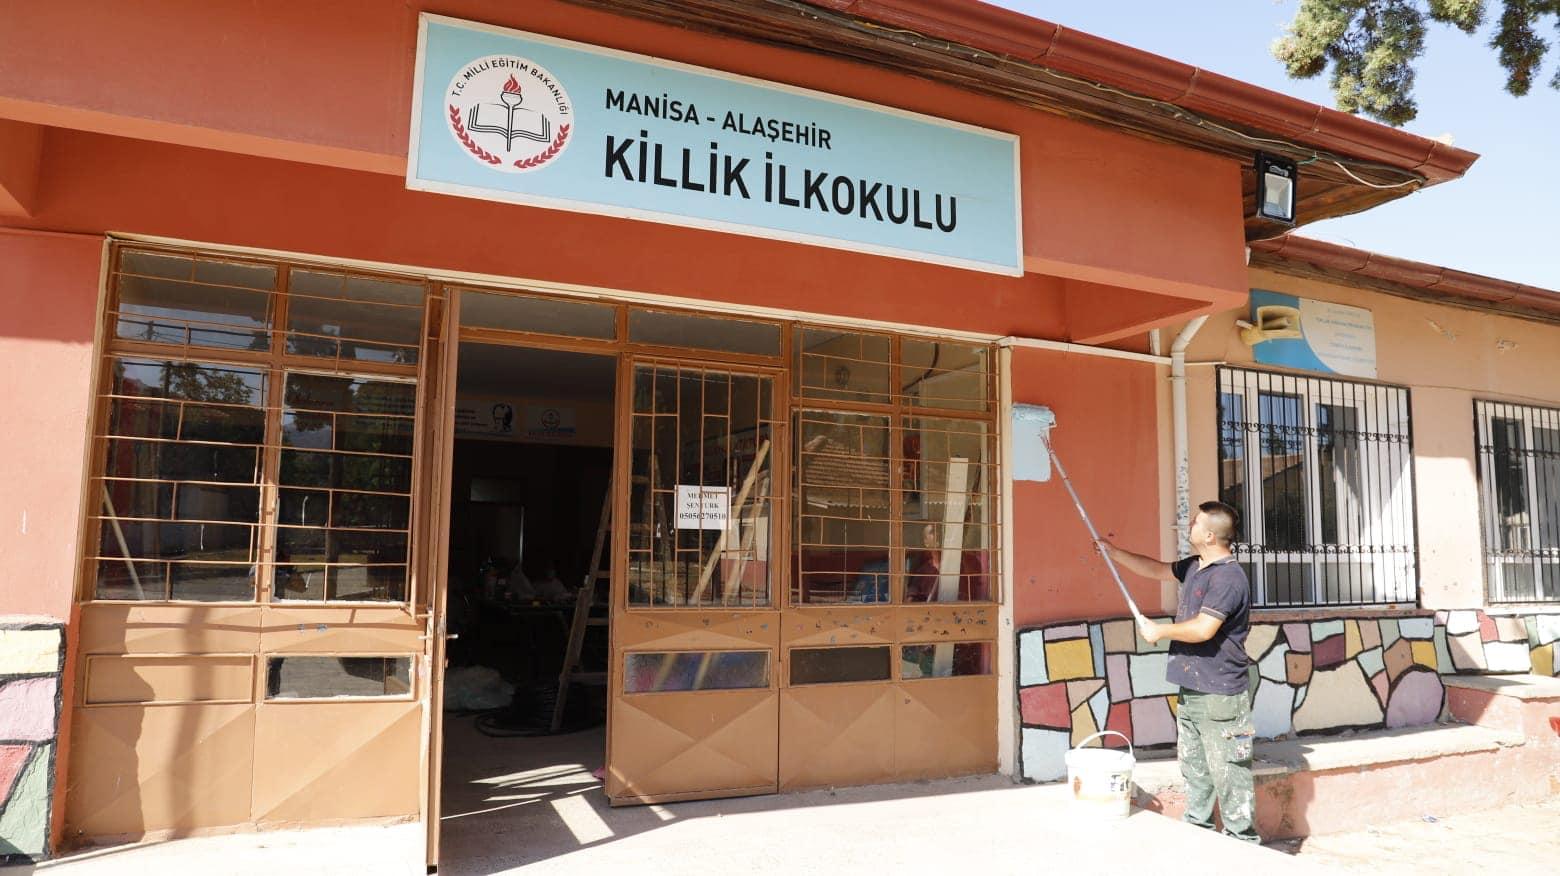 Fen İşleri Müdürlüğüne bağlı ekiplerimiz Killik İlkokulunda boyama çalışmalarına devam ediyor.